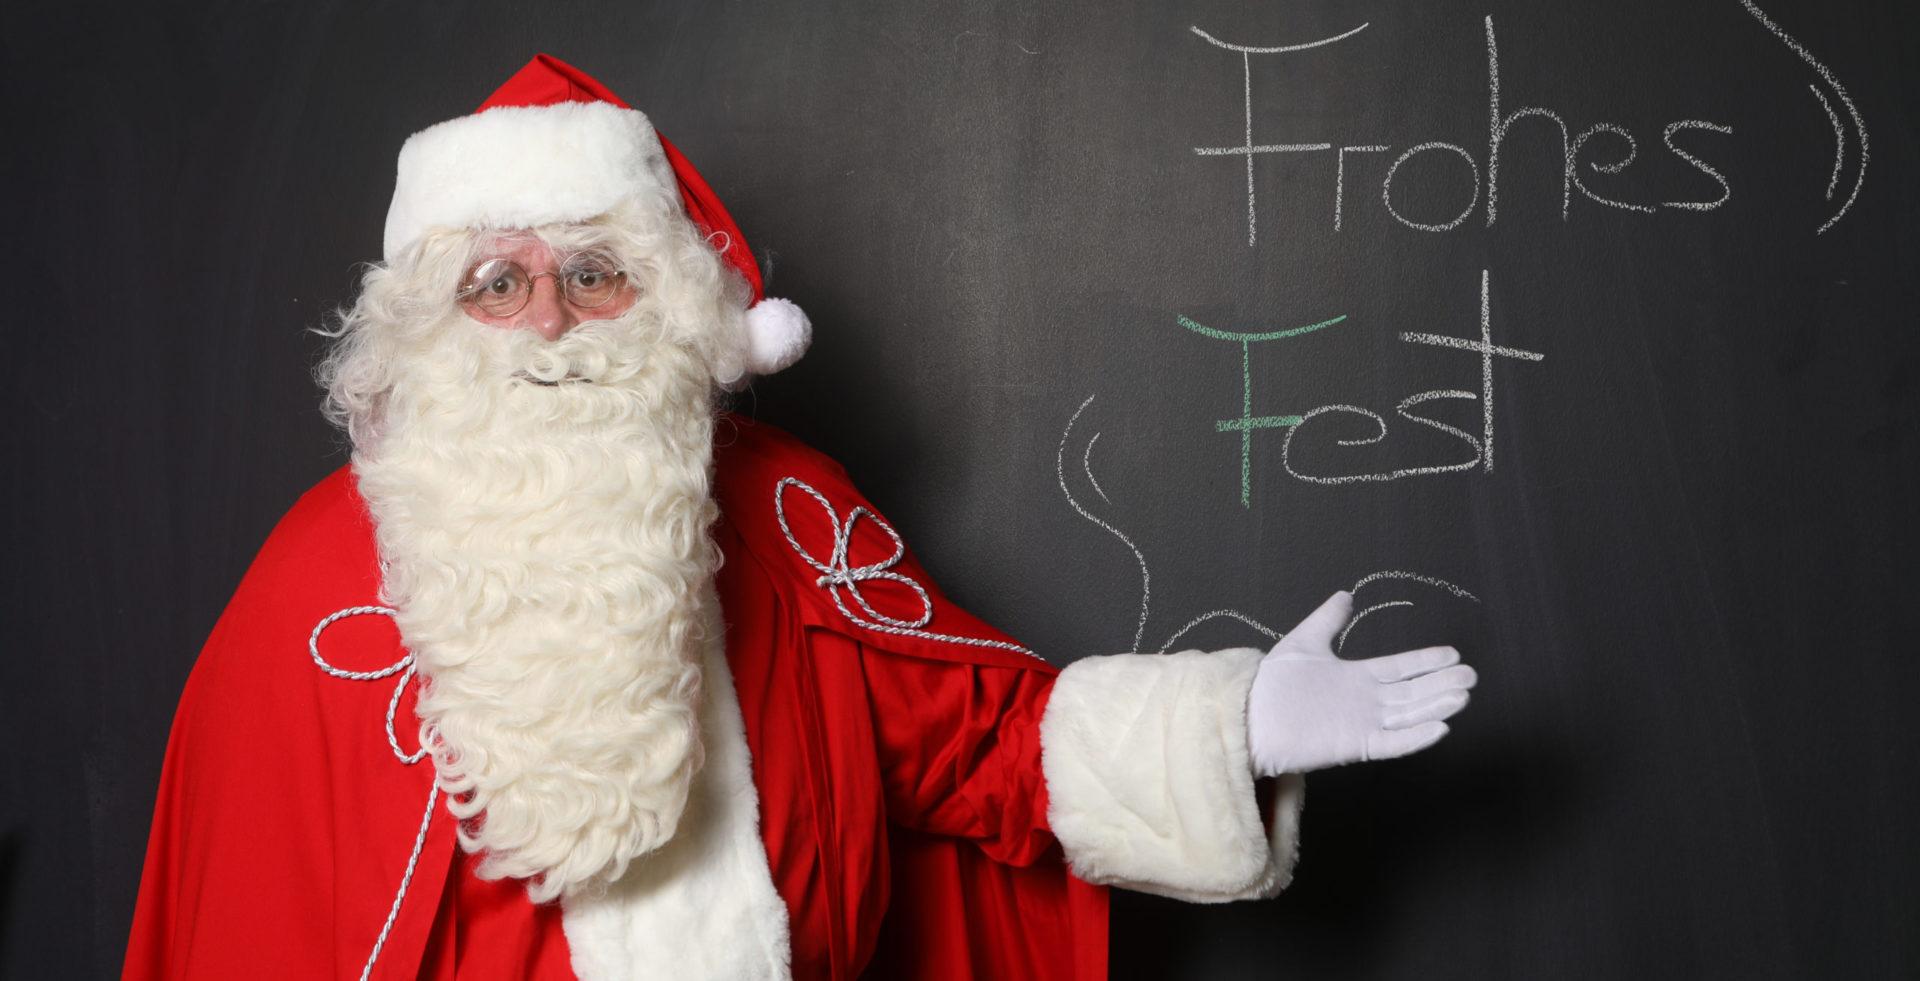 Der wahre Weihnachtsmann